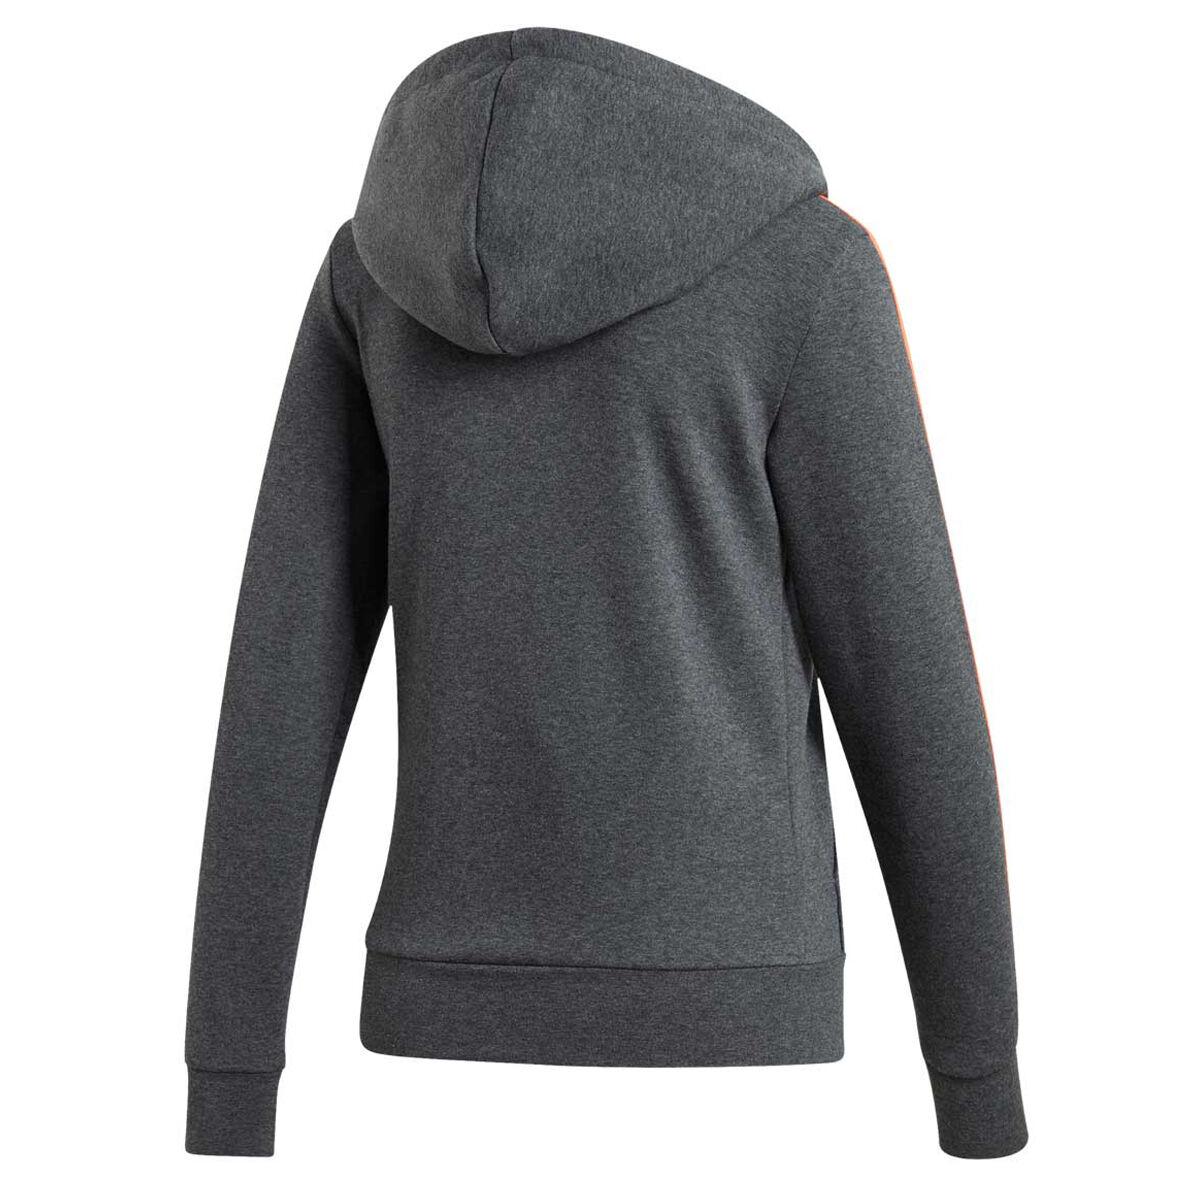 Adidas Women's Essentials 3 Stripe Zip Hoodie